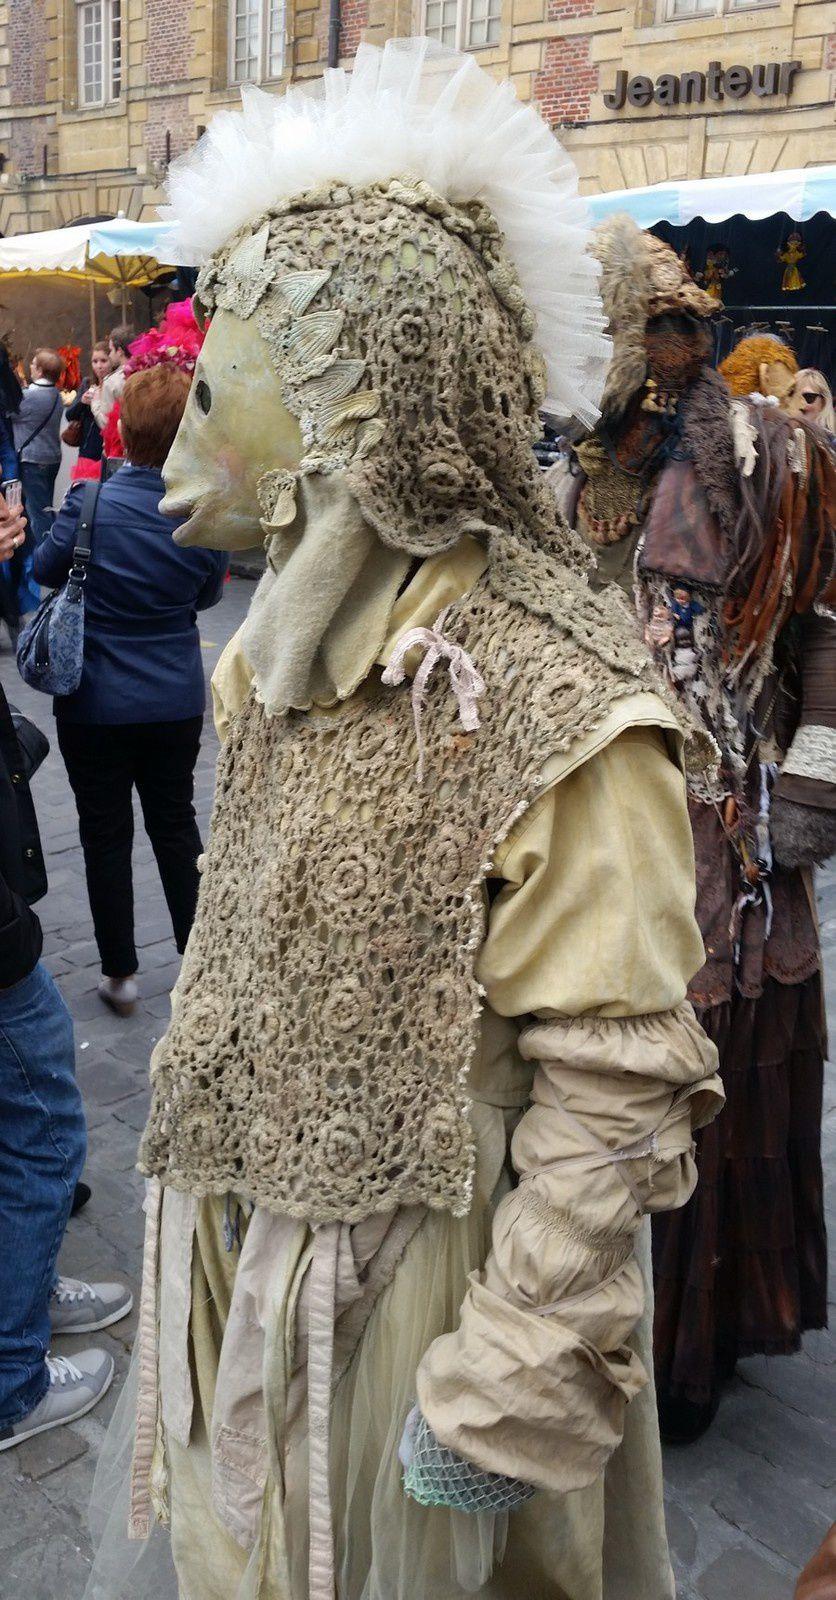 #FMTM15 : Les irréels. le pêcheur d'espoir